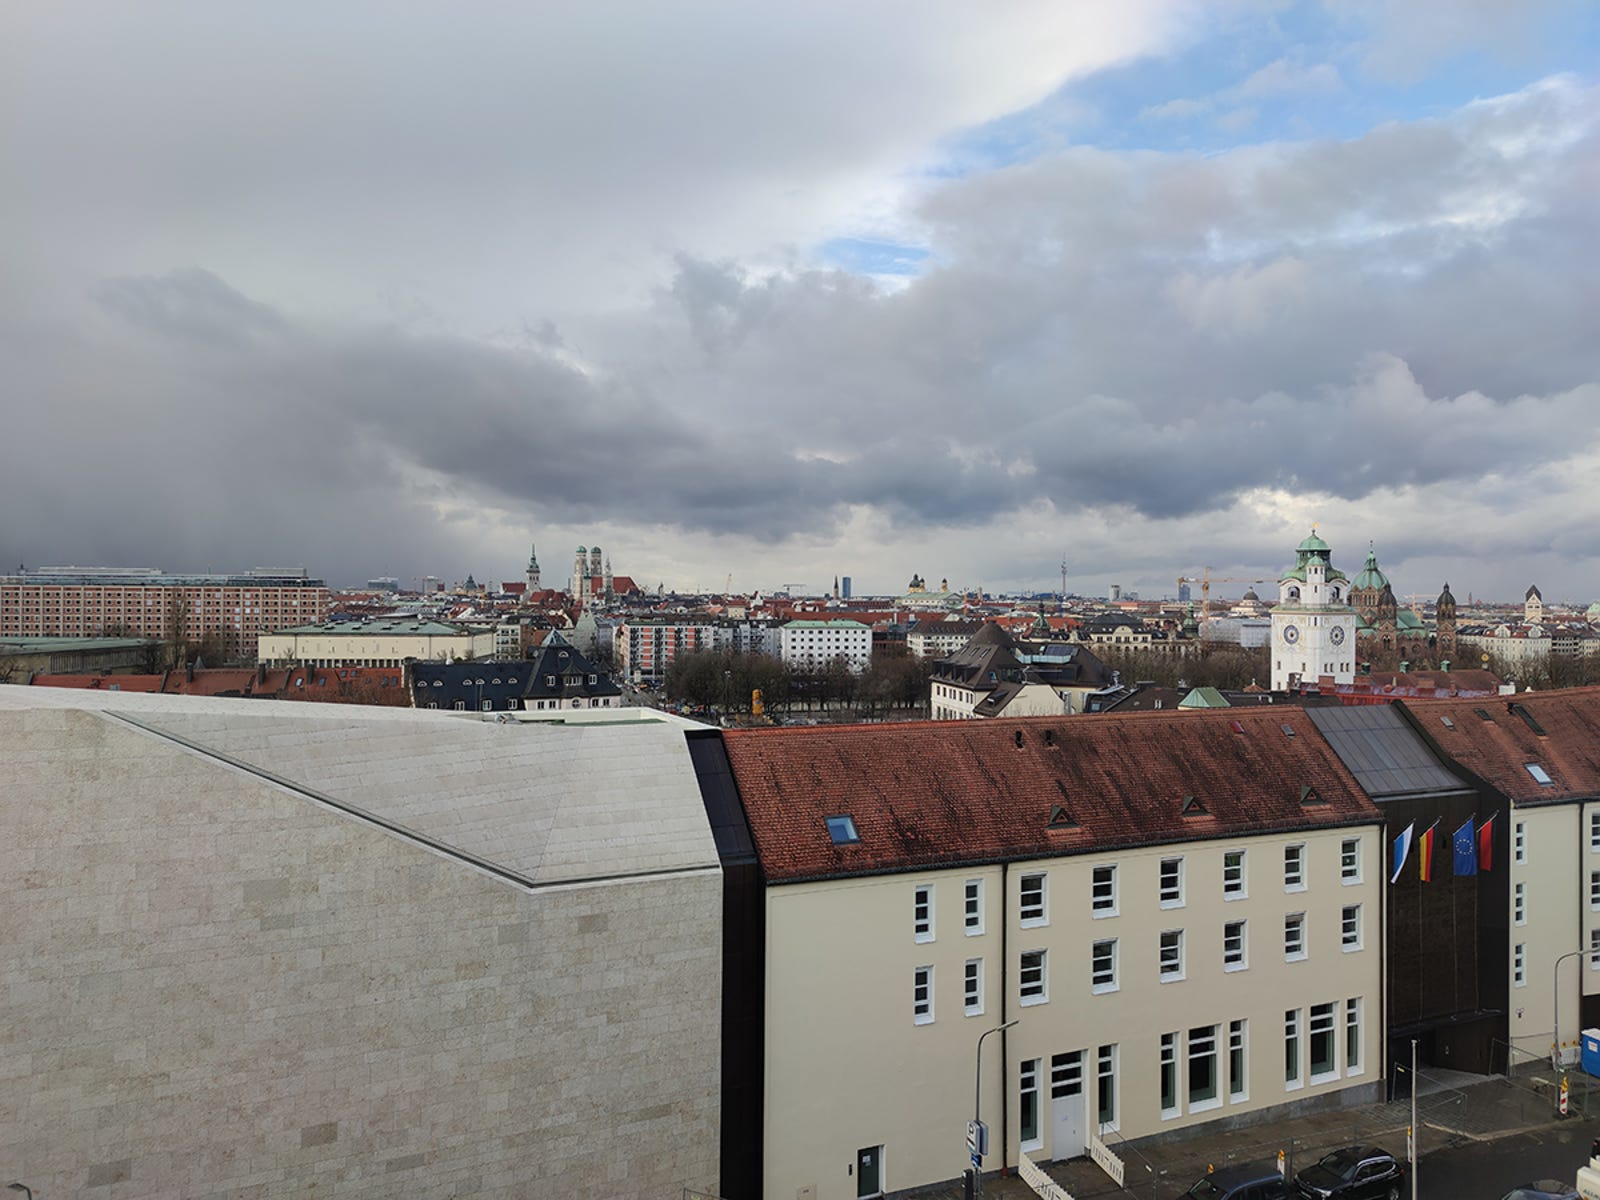 Vistas sobre los tejados de Munich.